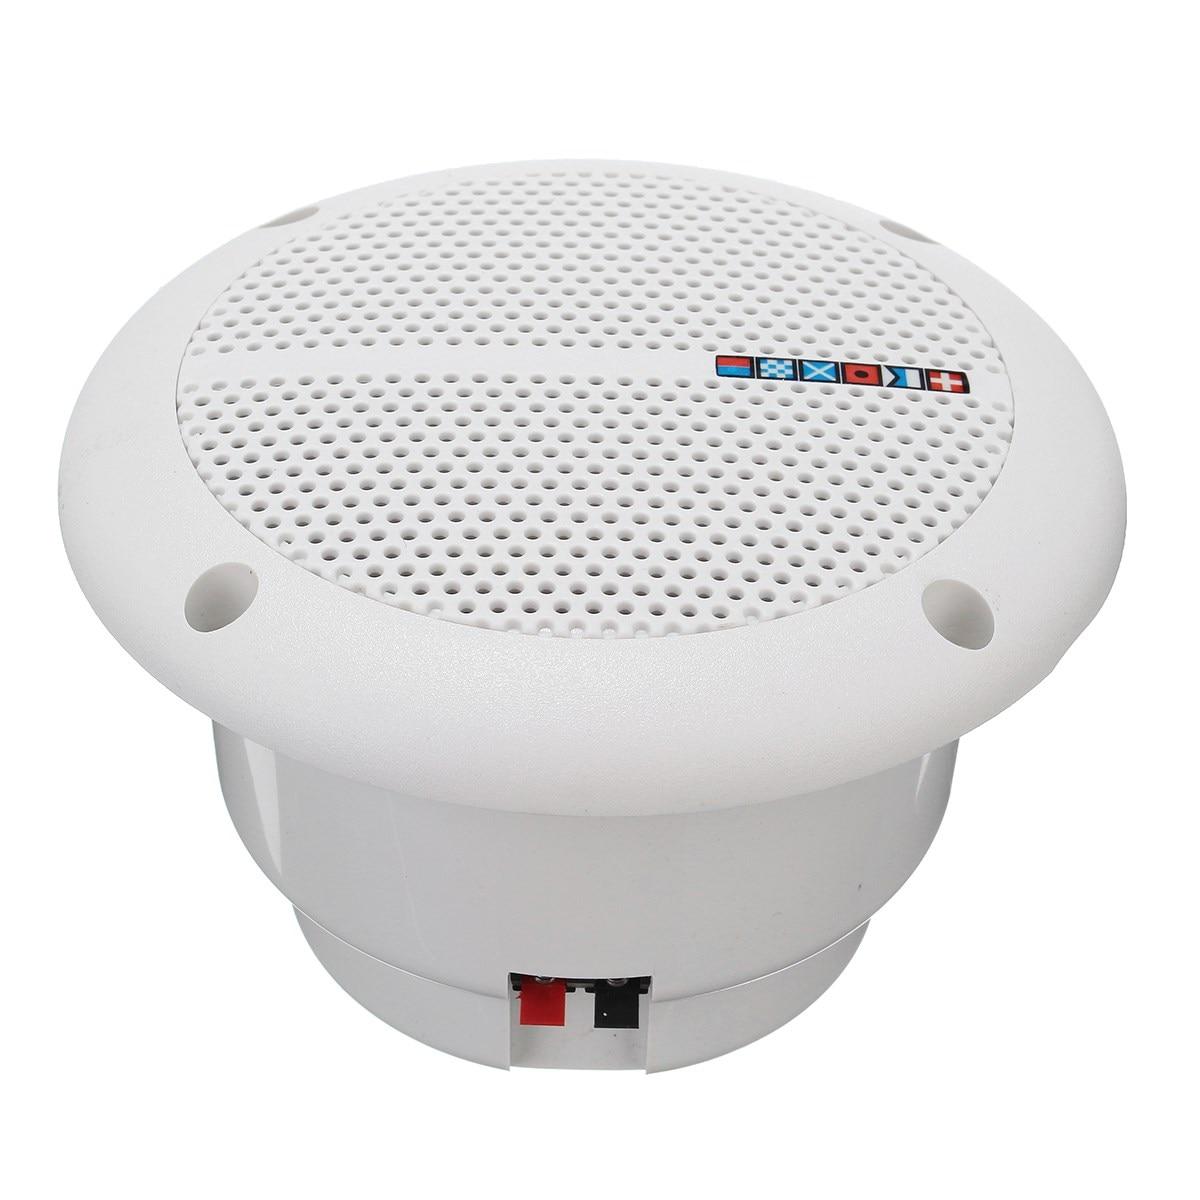 In wall bathroom speakers - New 1 Pair Loudspeakers Waterproof Marine Boat Ceiling Wall Speakers Kitchen Bathroom Water Resistant China